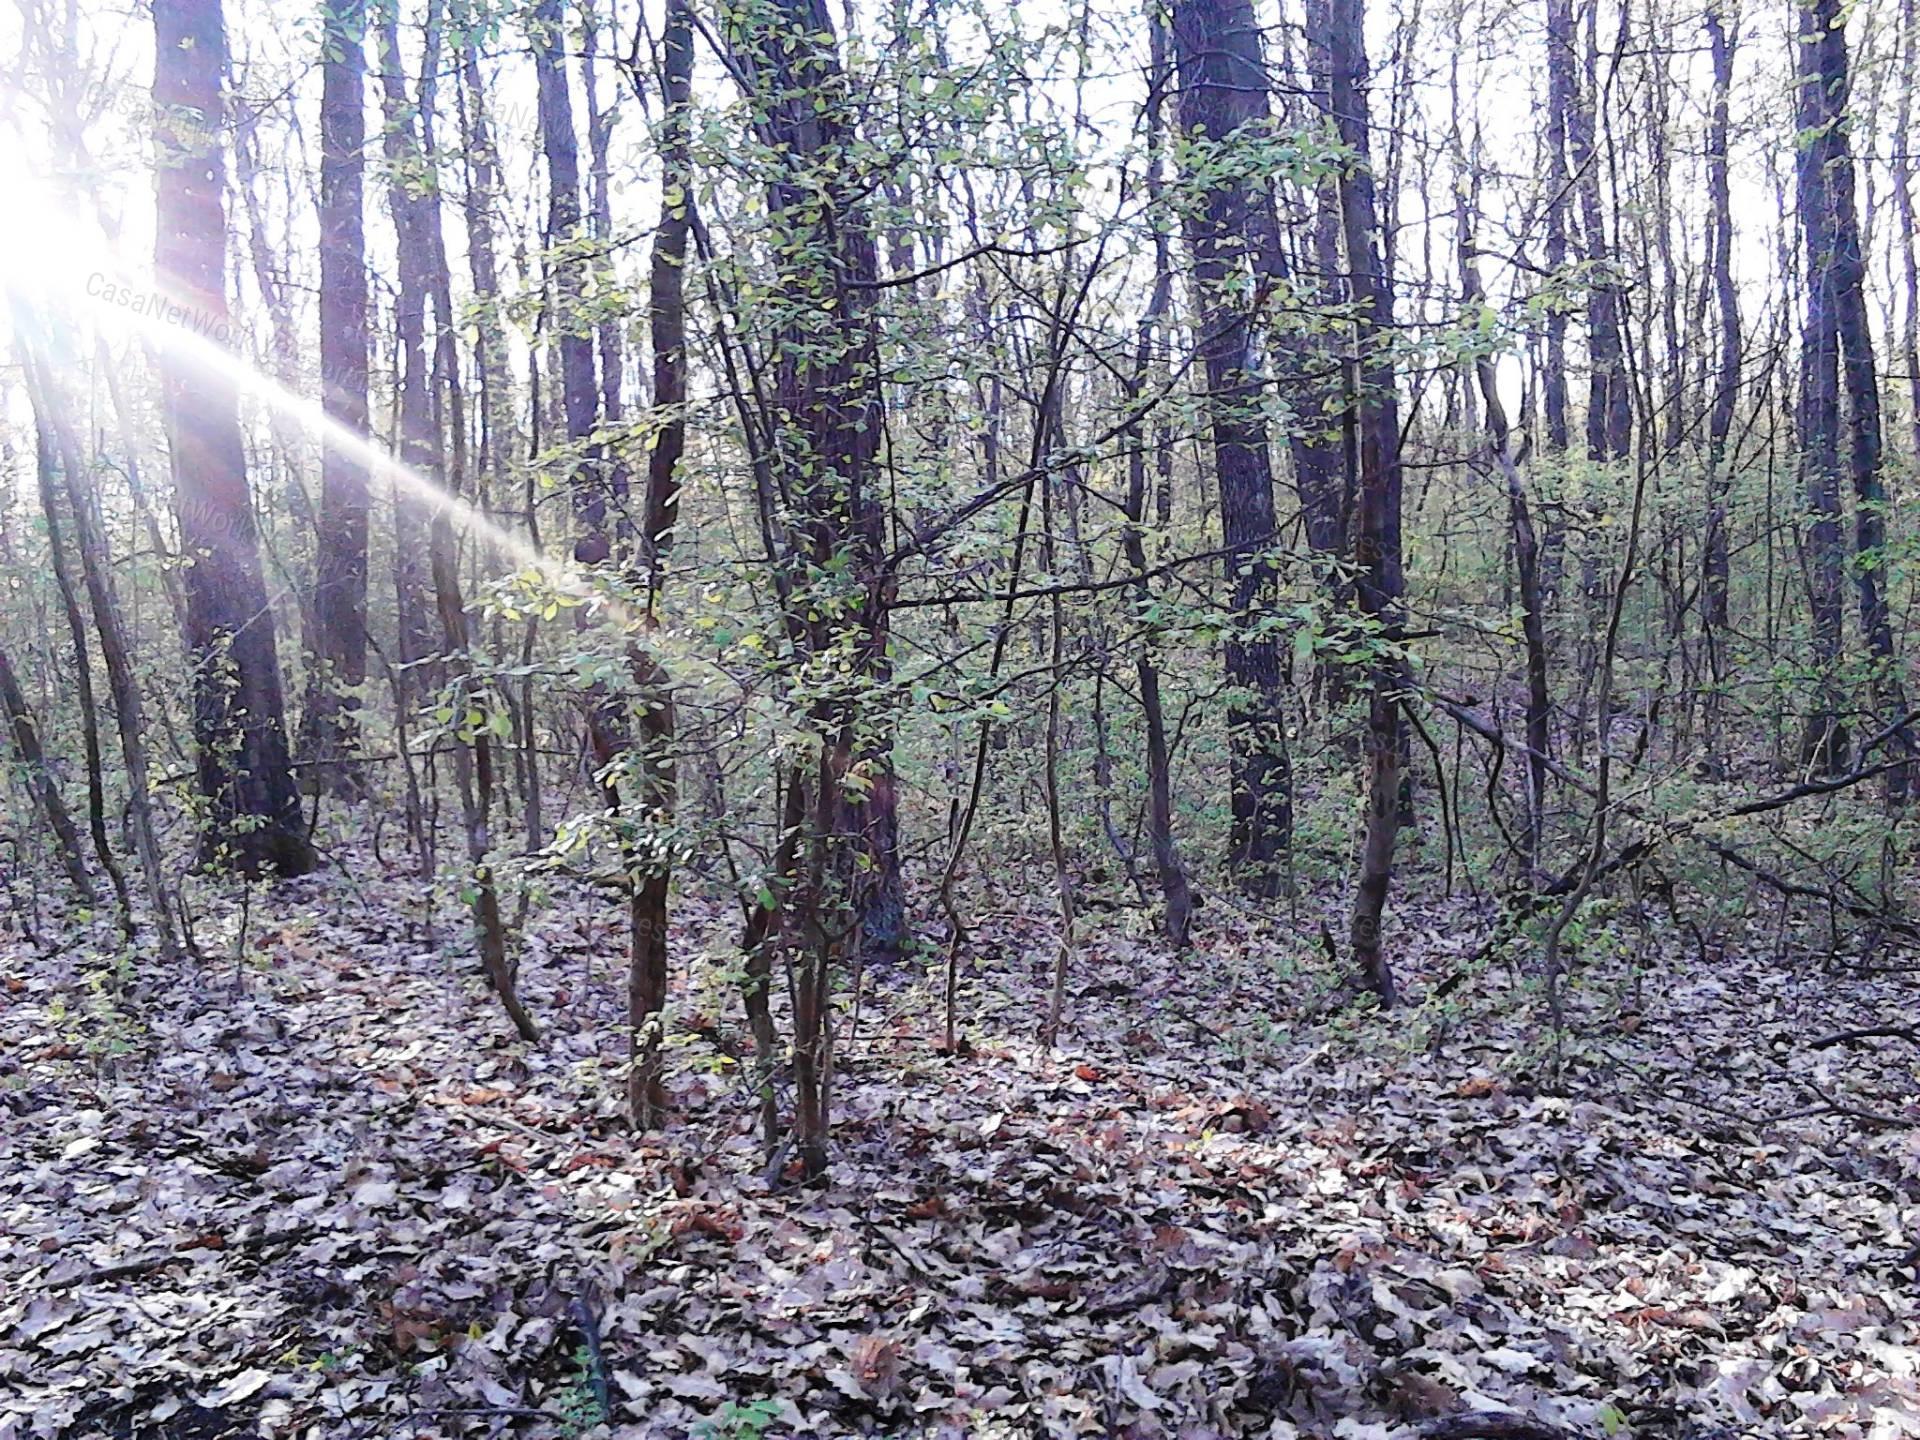 Eladó erdő, Veszprém megye, Nemesvámos - sz.: 156201206 - CasaNetWork.hu